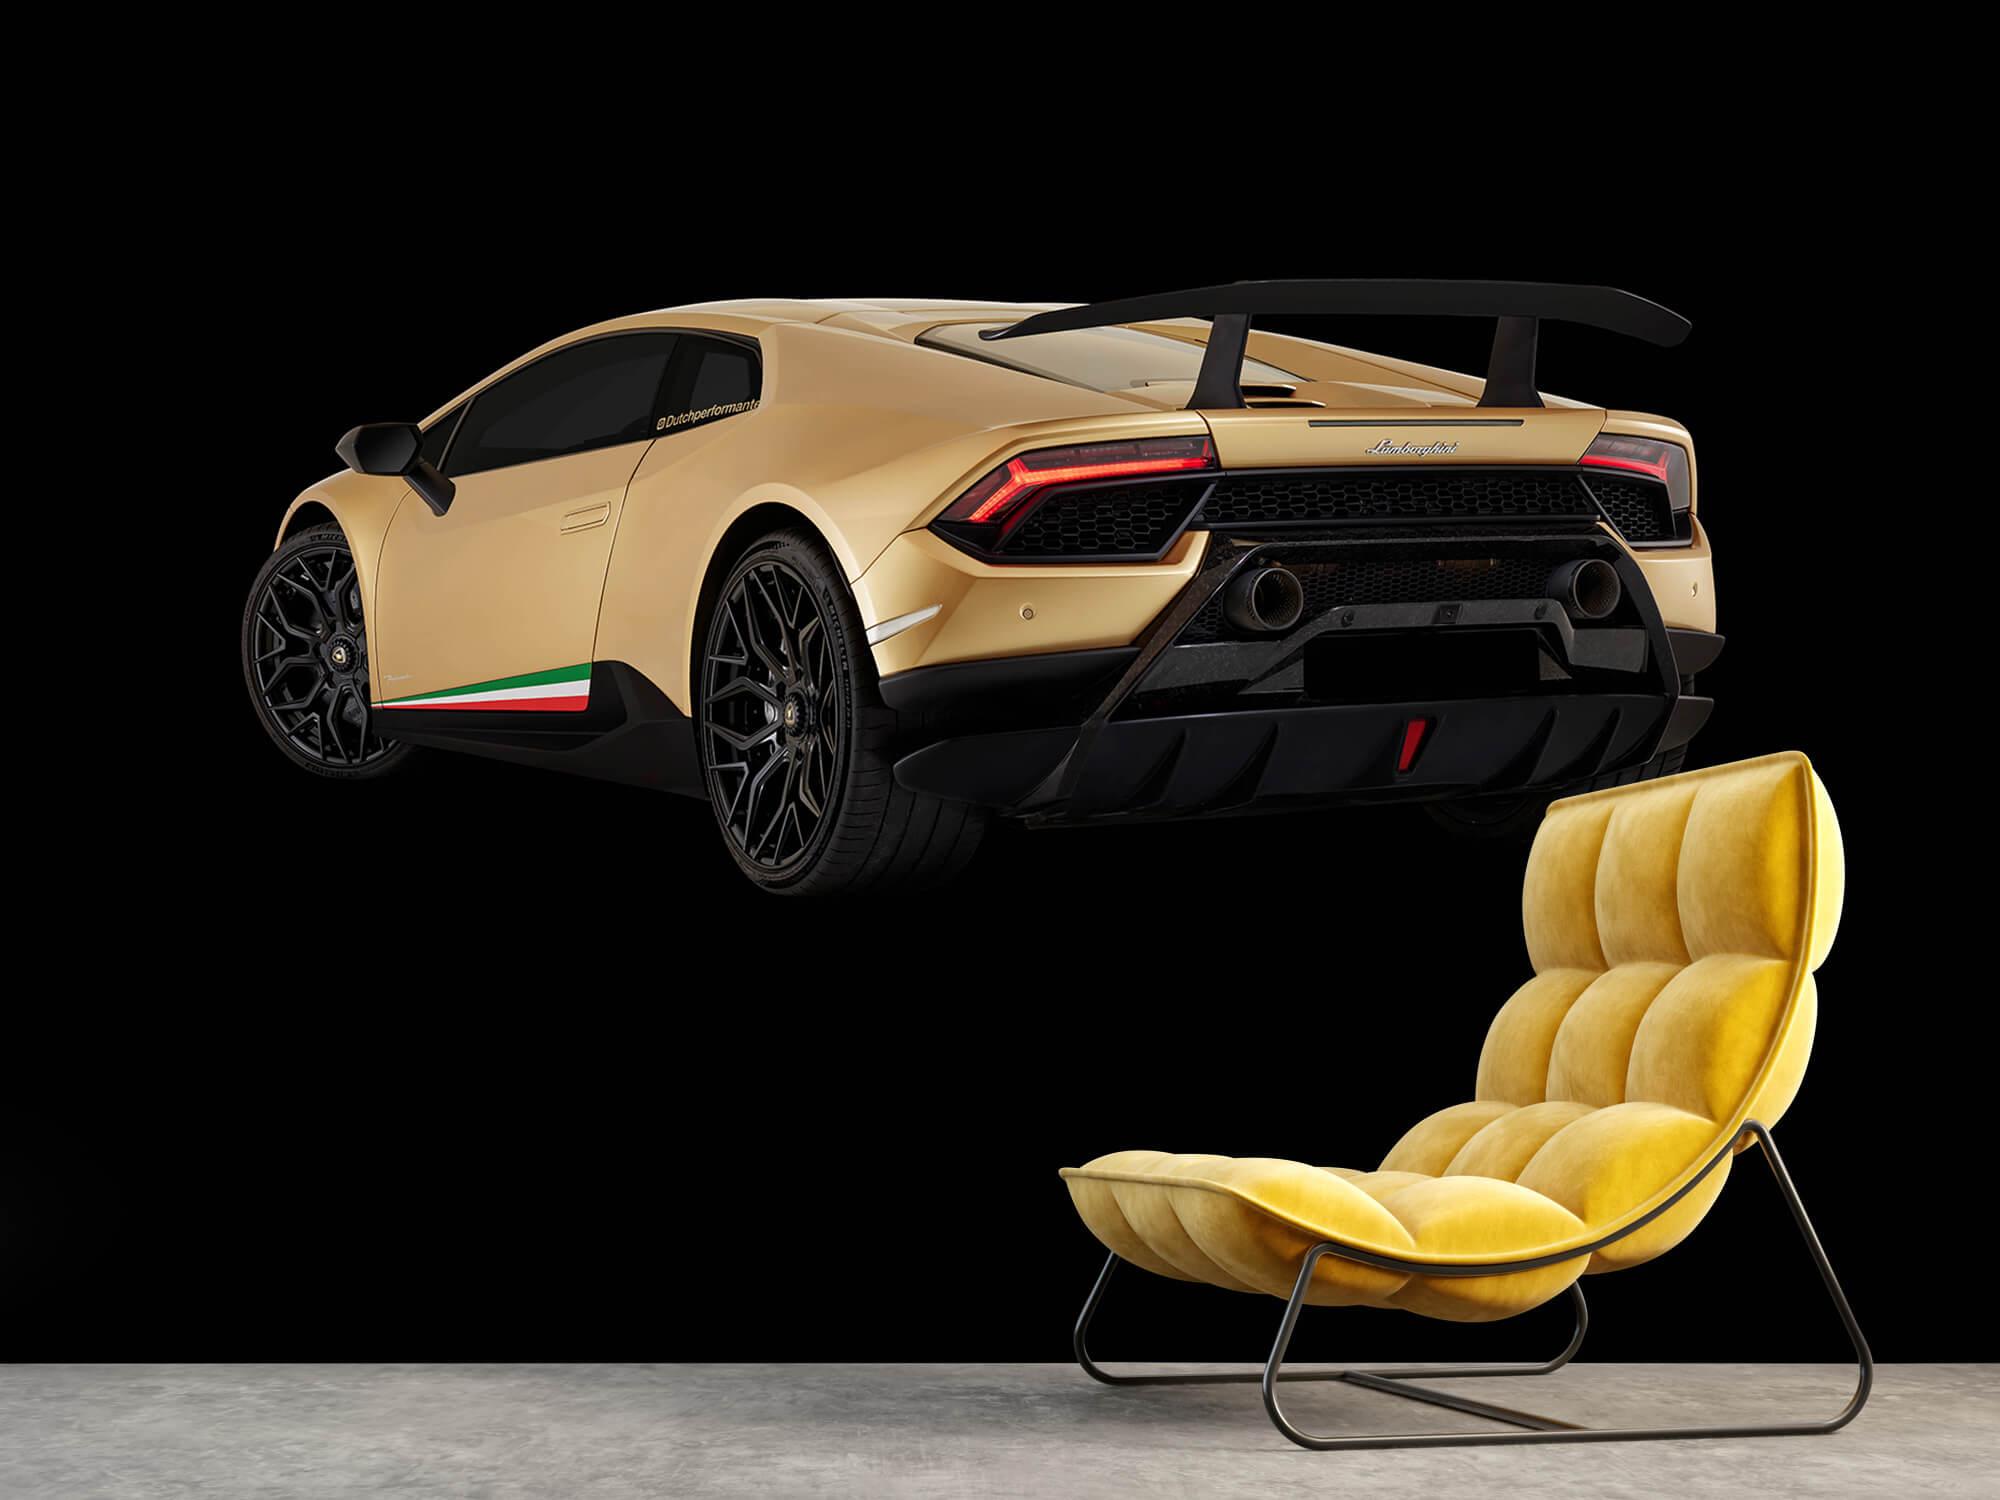 Wallpaper Lamborghini Huracán - Vänster bak, svart 14